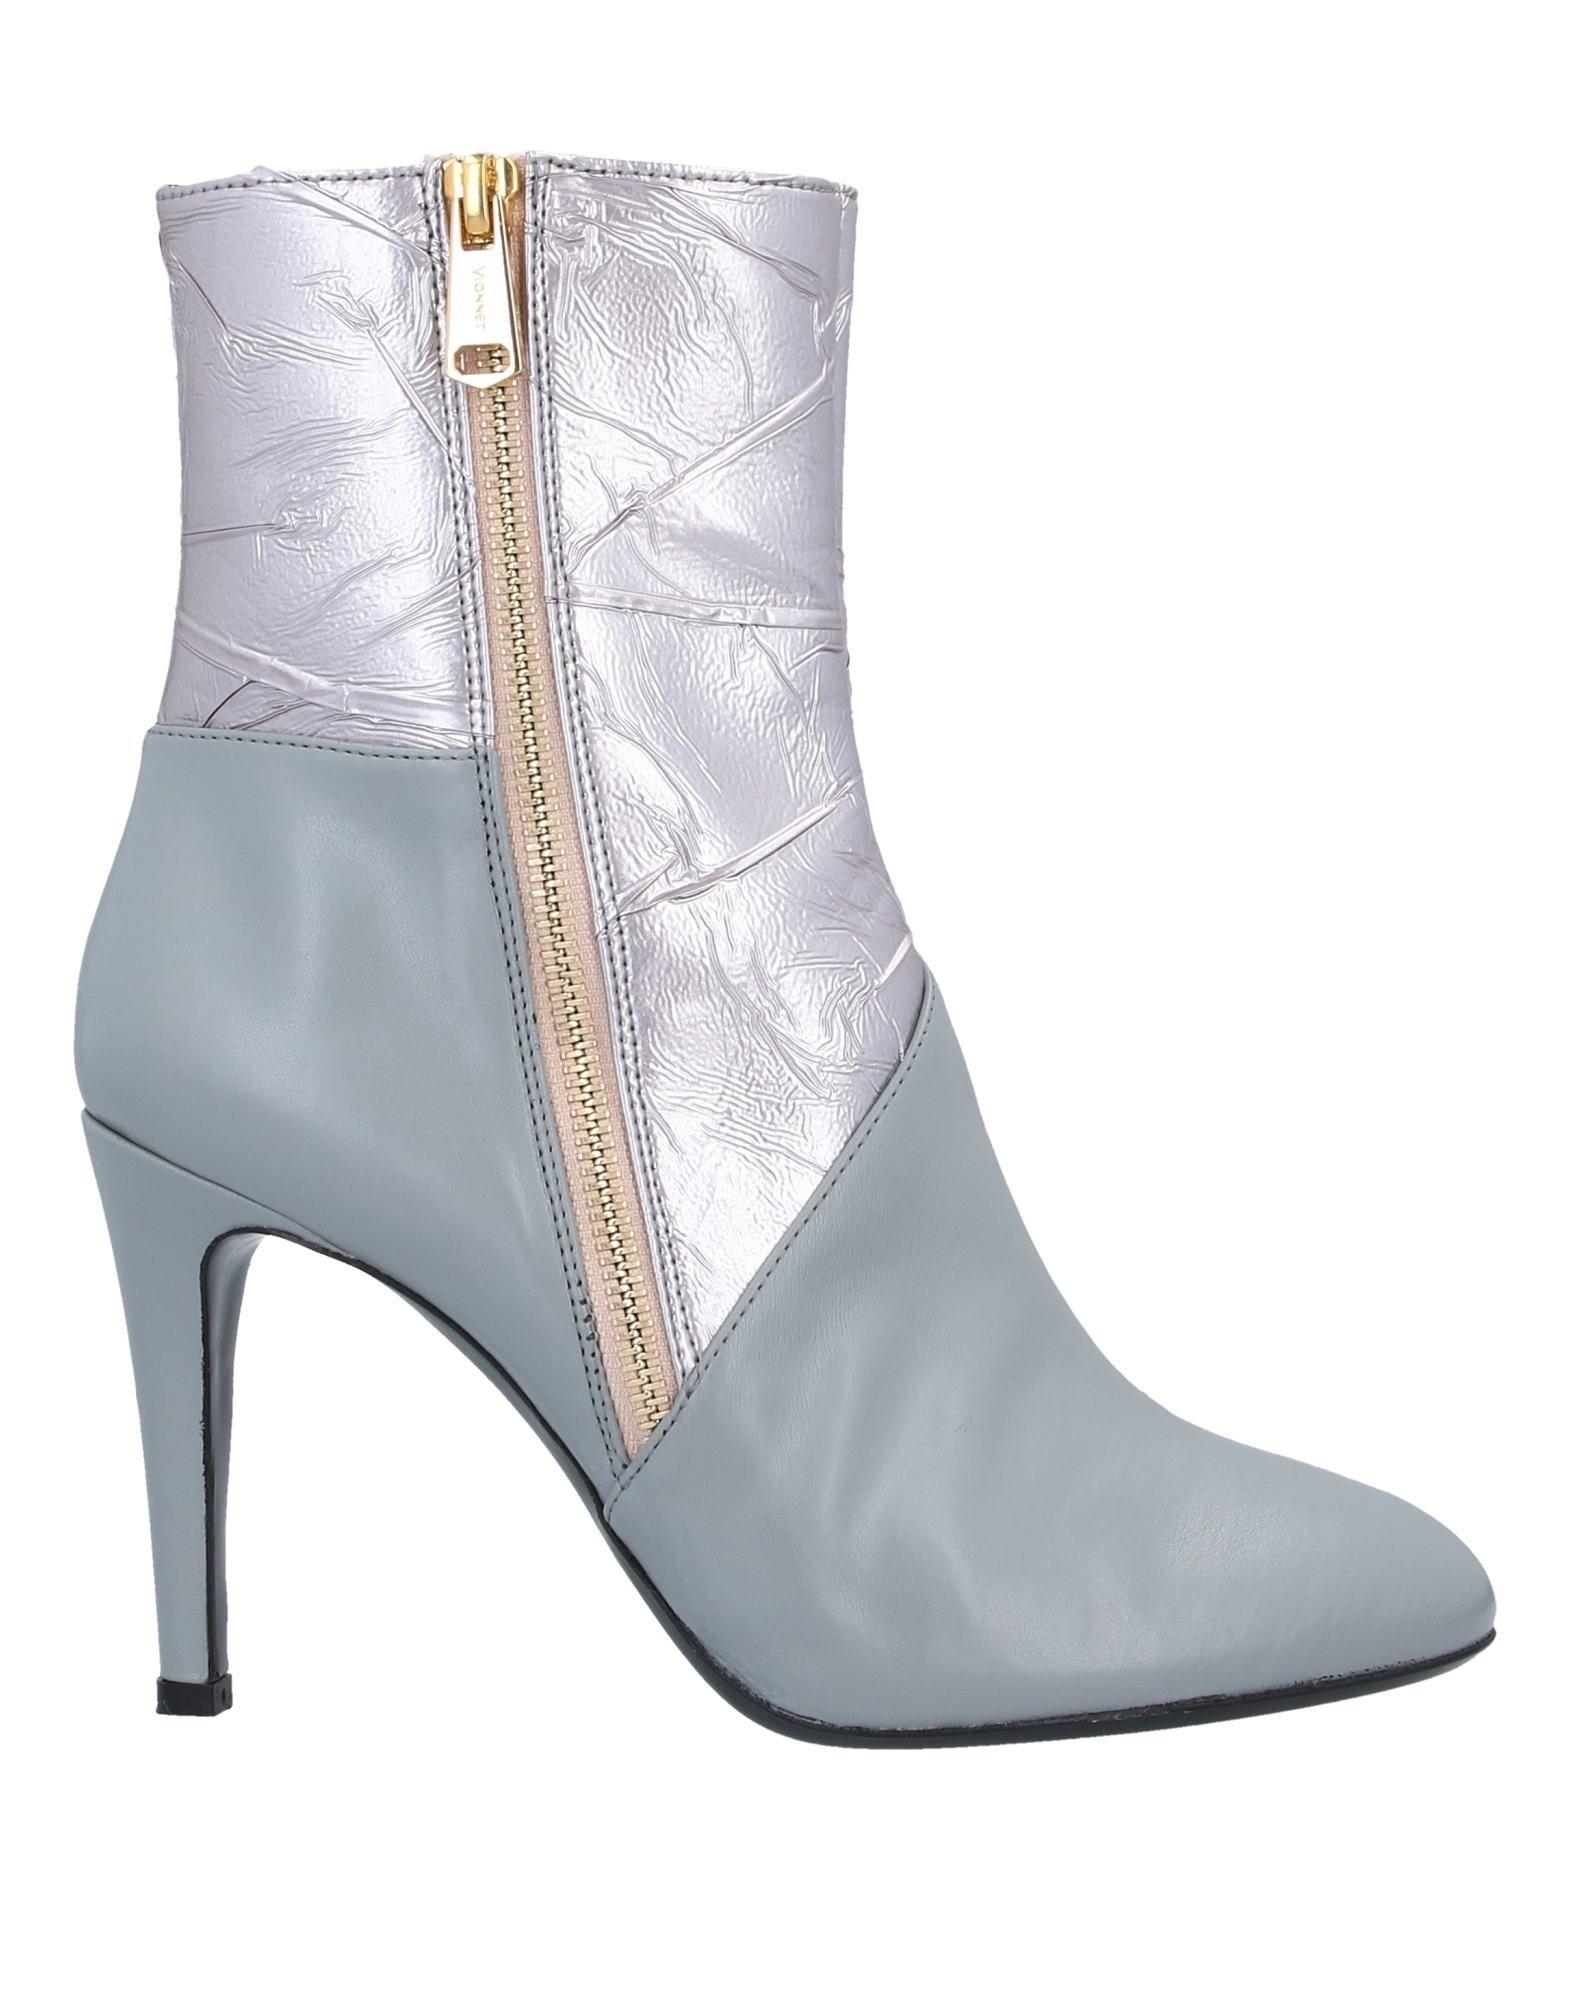 Фото - VIONNET Полусапоги и высокие ботинки vionnet высокие кеды и кроссовки